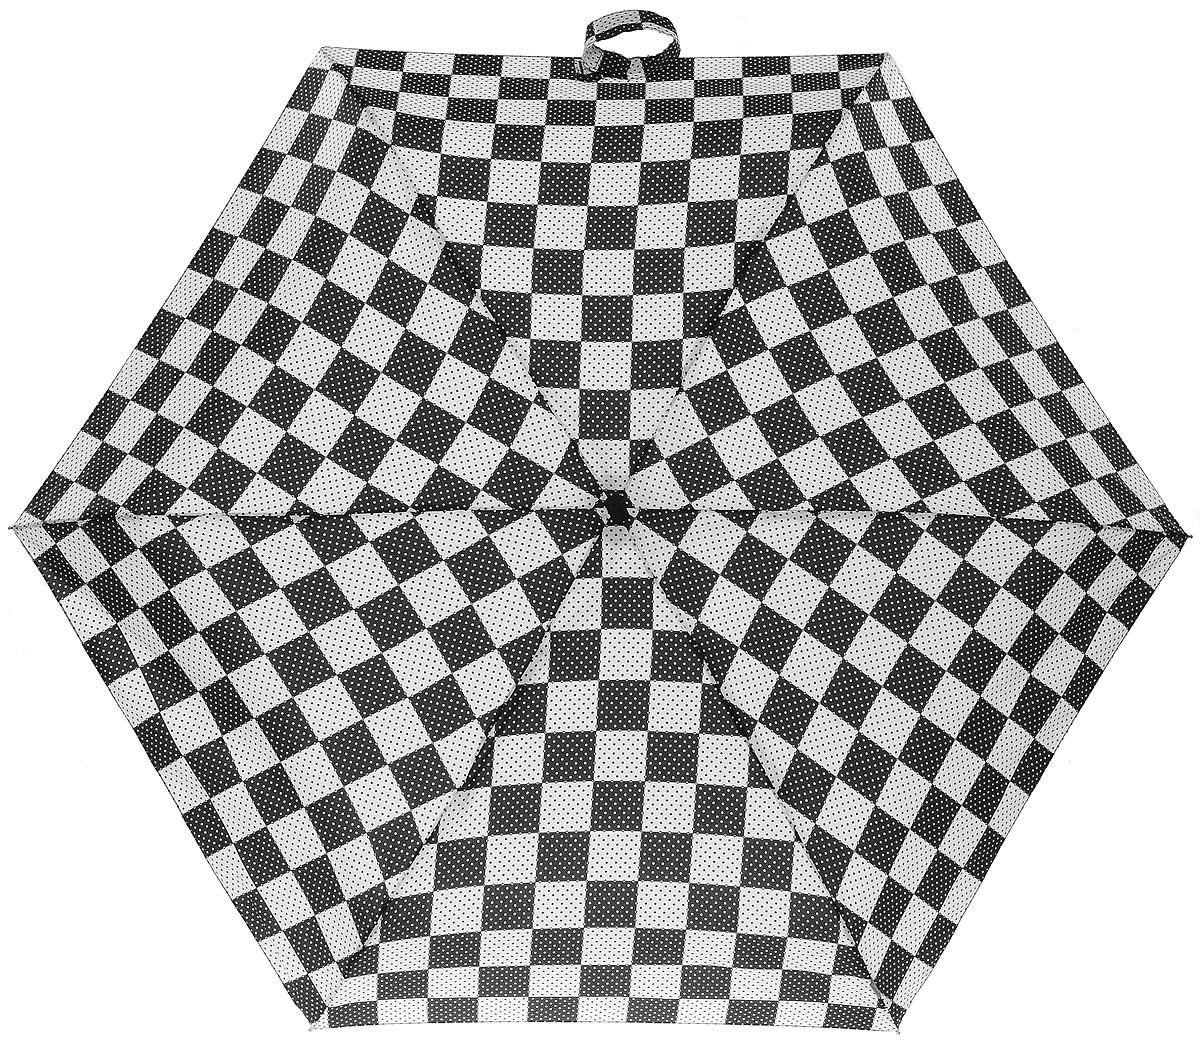 Зонт женский Zest, механический, 5 сложений, цвет: черный, белый. 25518-10325518-103Зонт классической модели из мягкой и приятной на ощупь ткани, знаменитое венгерское качество имеющее многовековую традицию.